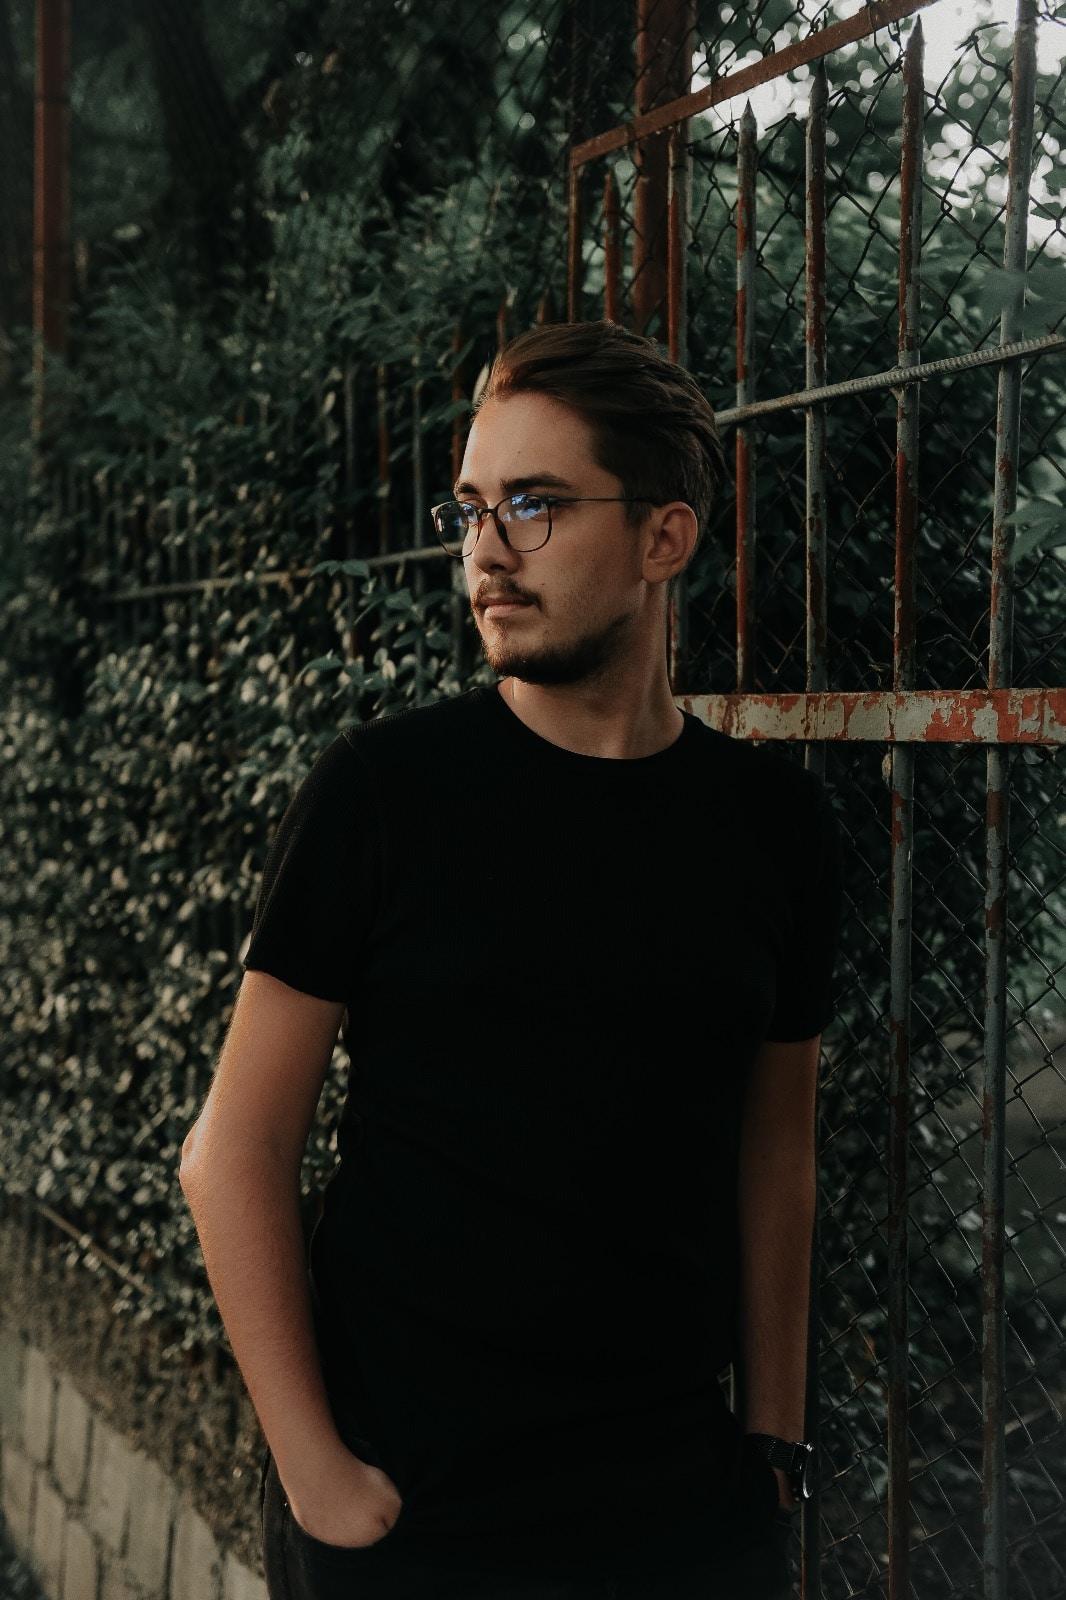 Go to Tobias's profile